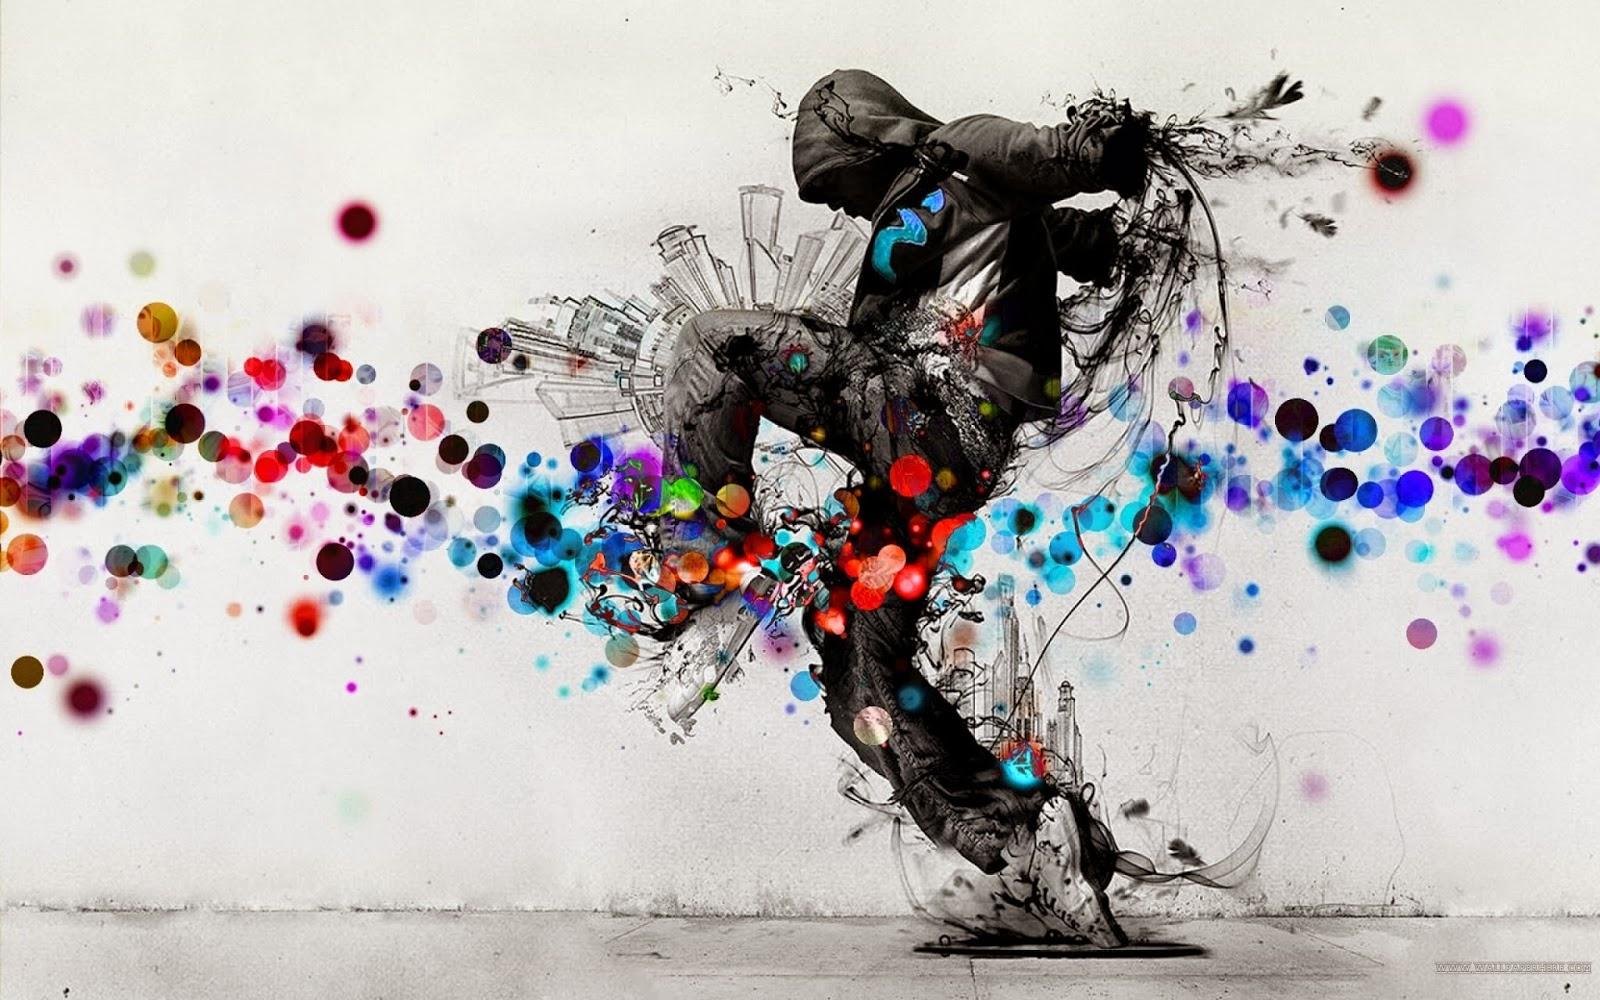 best website to buy art prints credainatcon com